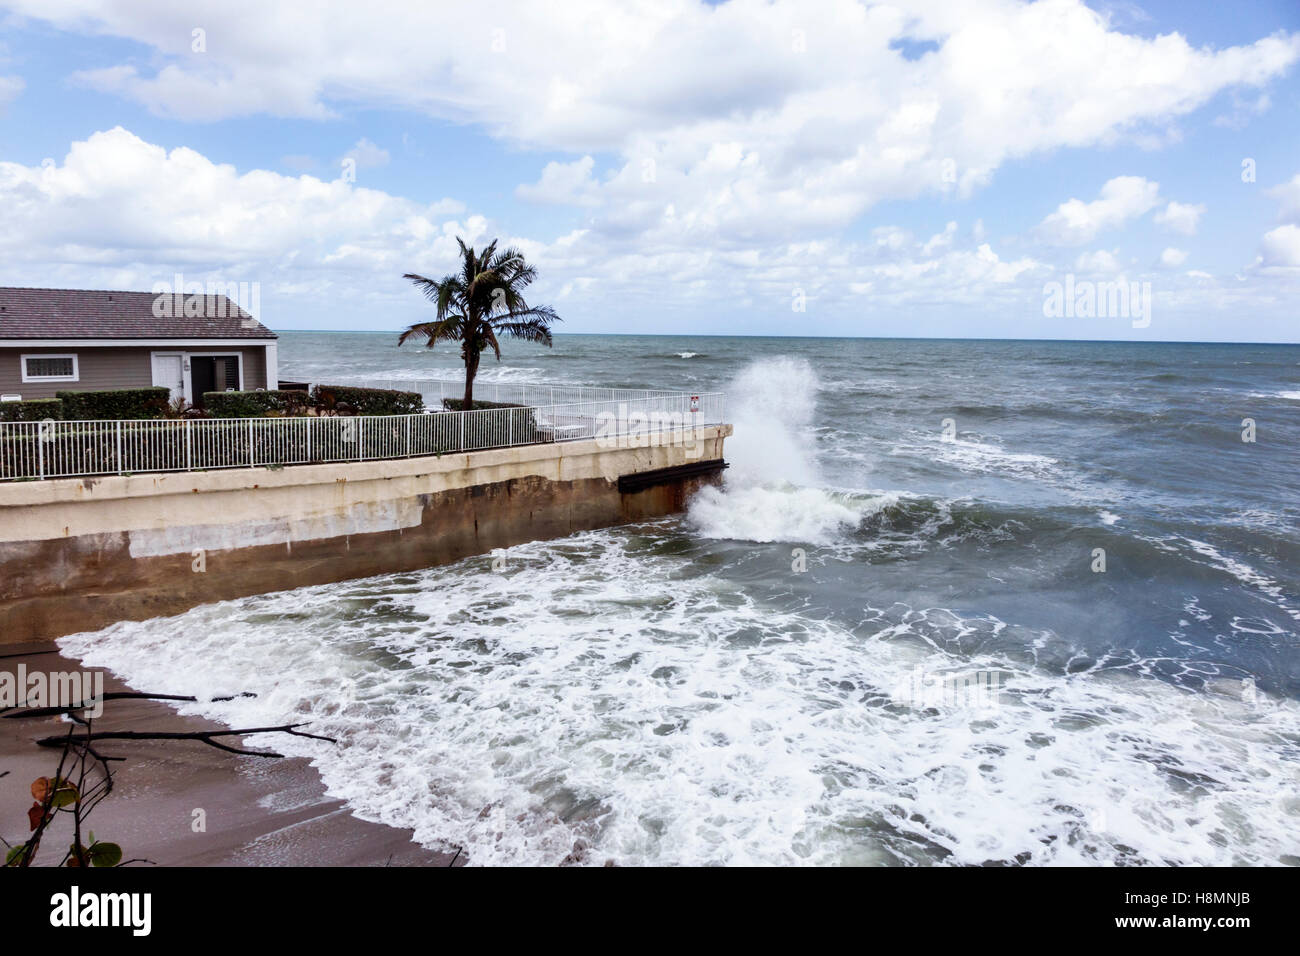 Florida Jupiter Jupiter Reef Club high tide waves crashing rising sea level global warming cement retainer wall - Stock Image